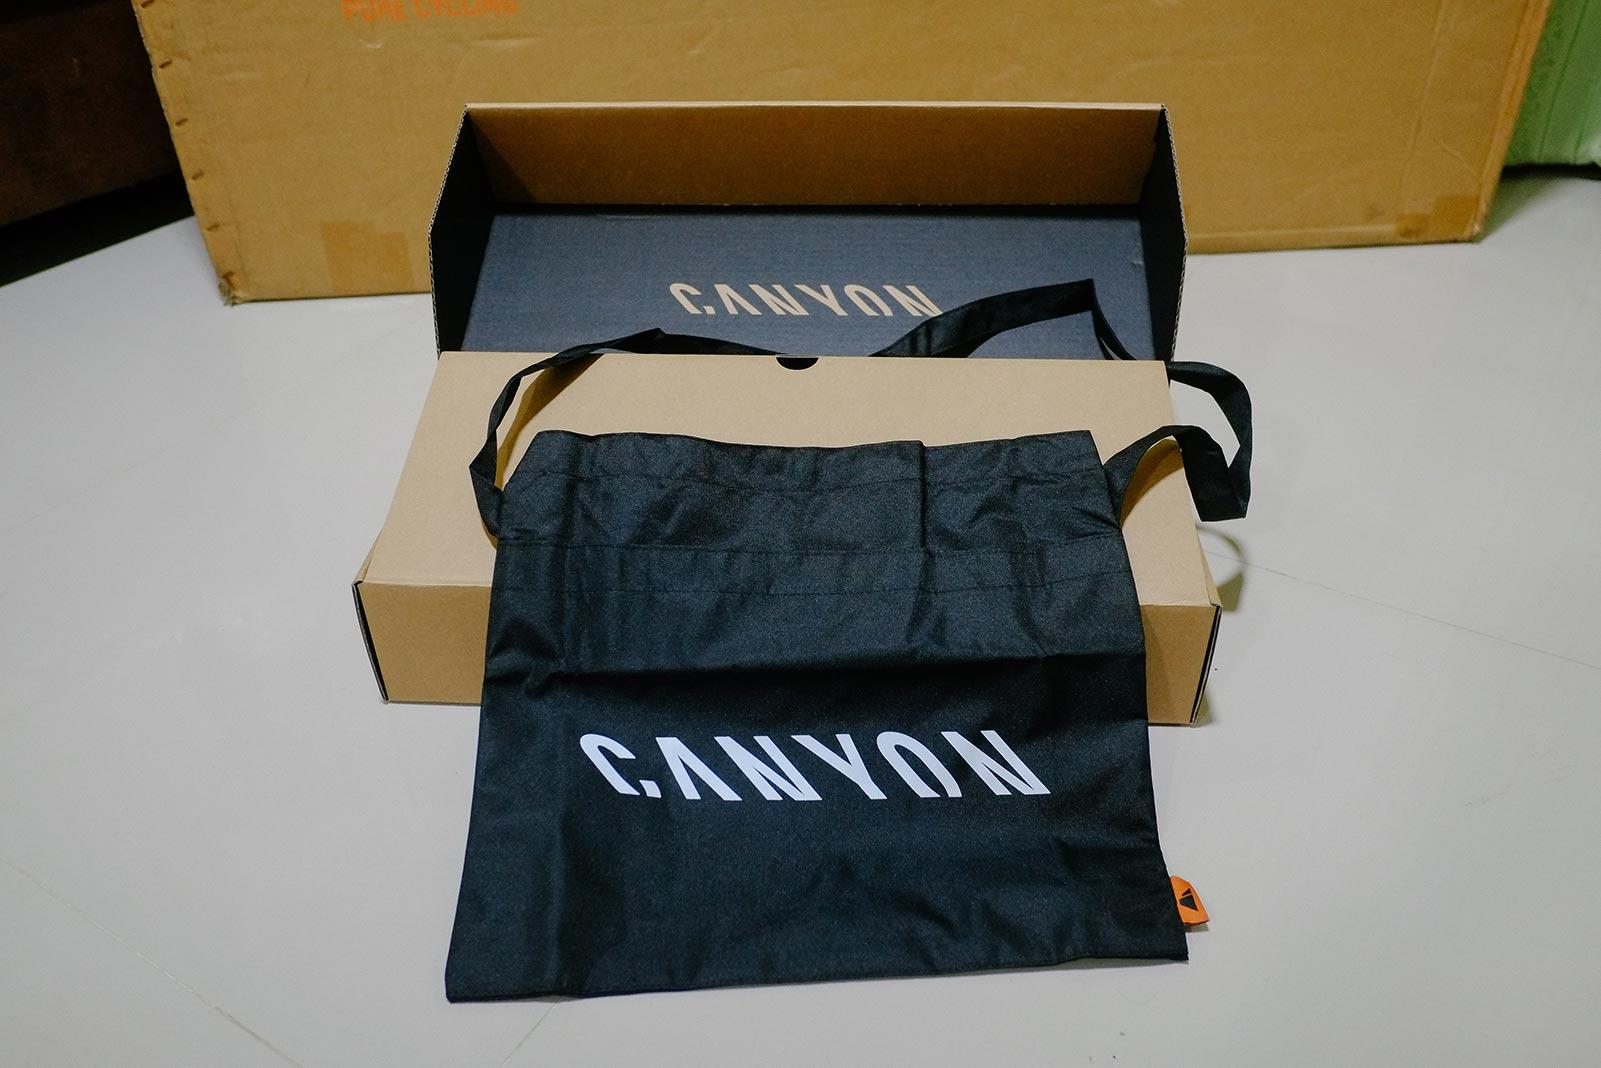 กระเป๋า Canyon